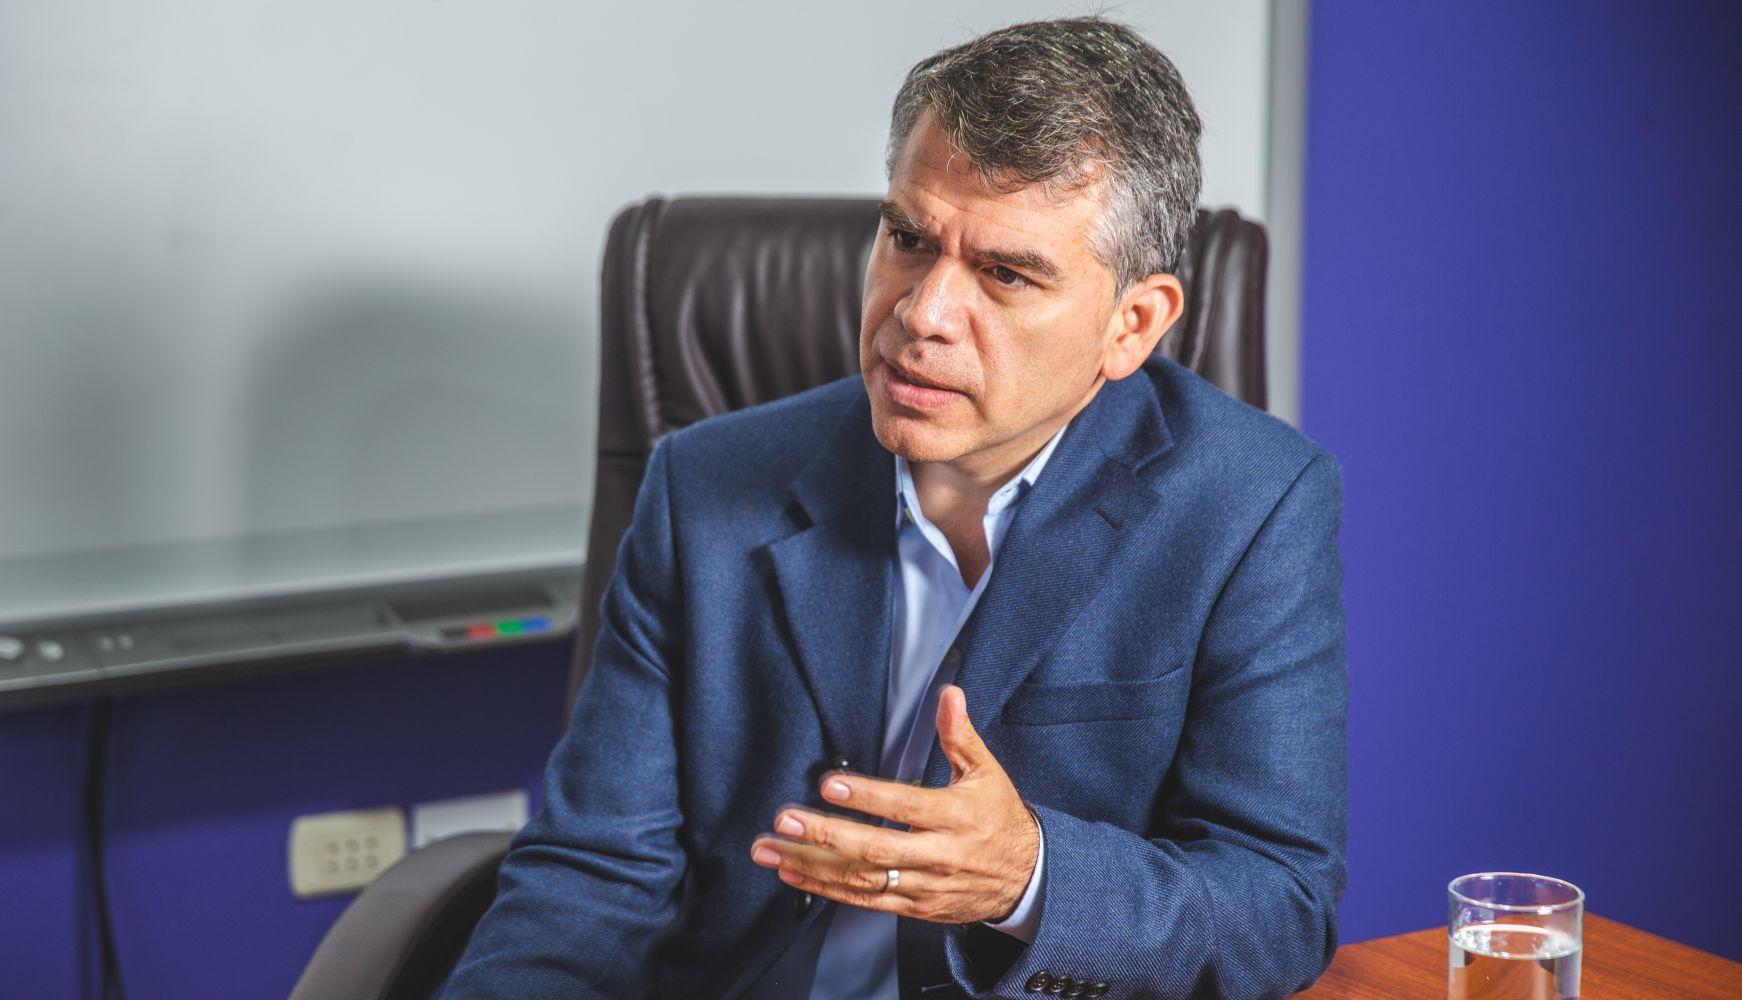 Julio Guzmán, el Partido Morado y una crisis en una semana electoral clave